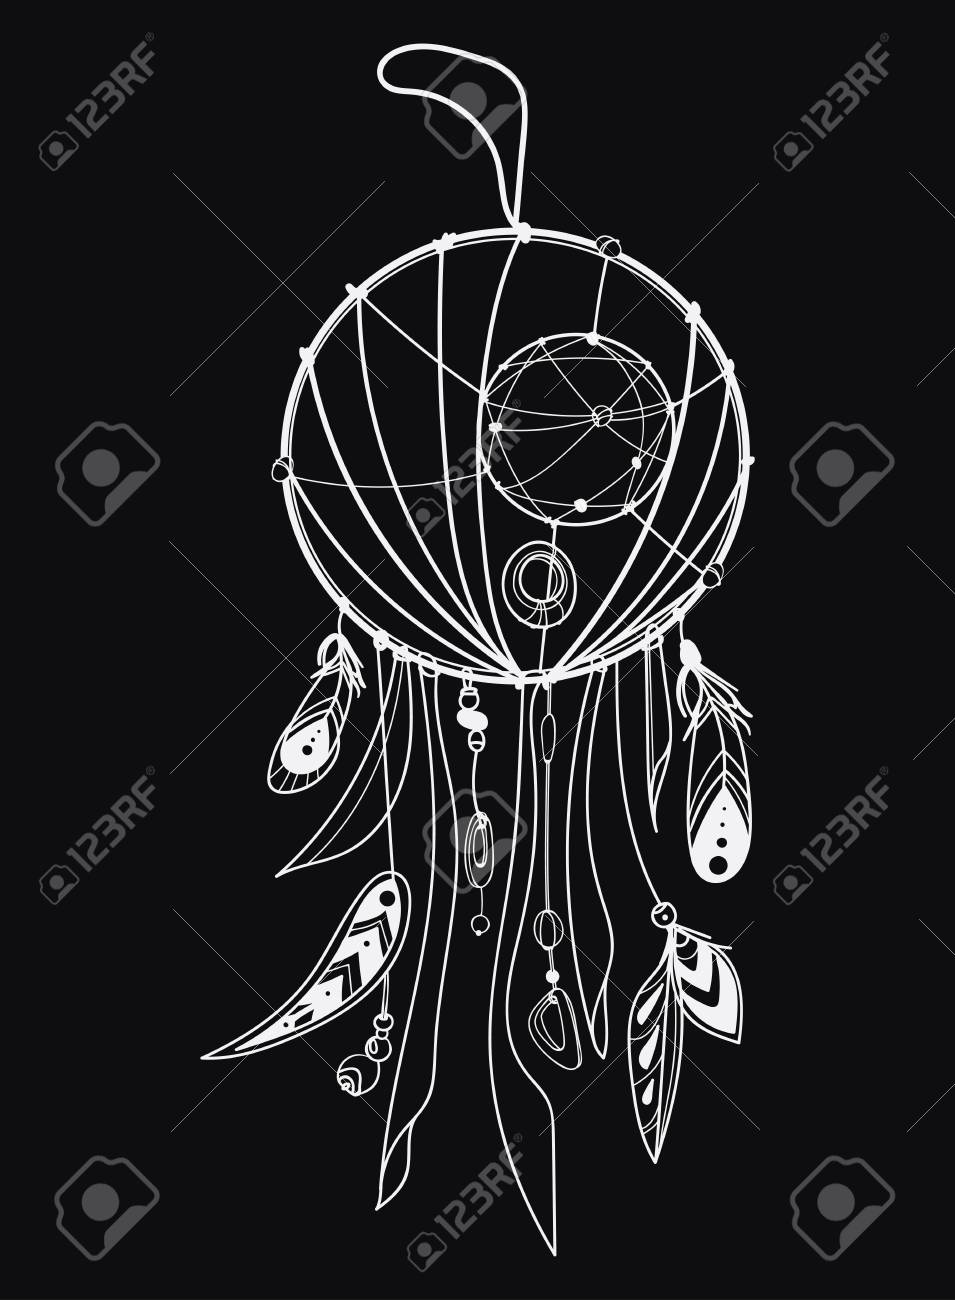 Illustration Vectorielle D Un Capteur De Rêves Avec Des Plumes Totem Indien Avec Des Plumes Décoration Hippie Dessin Noir Et Blanc à La Main Art